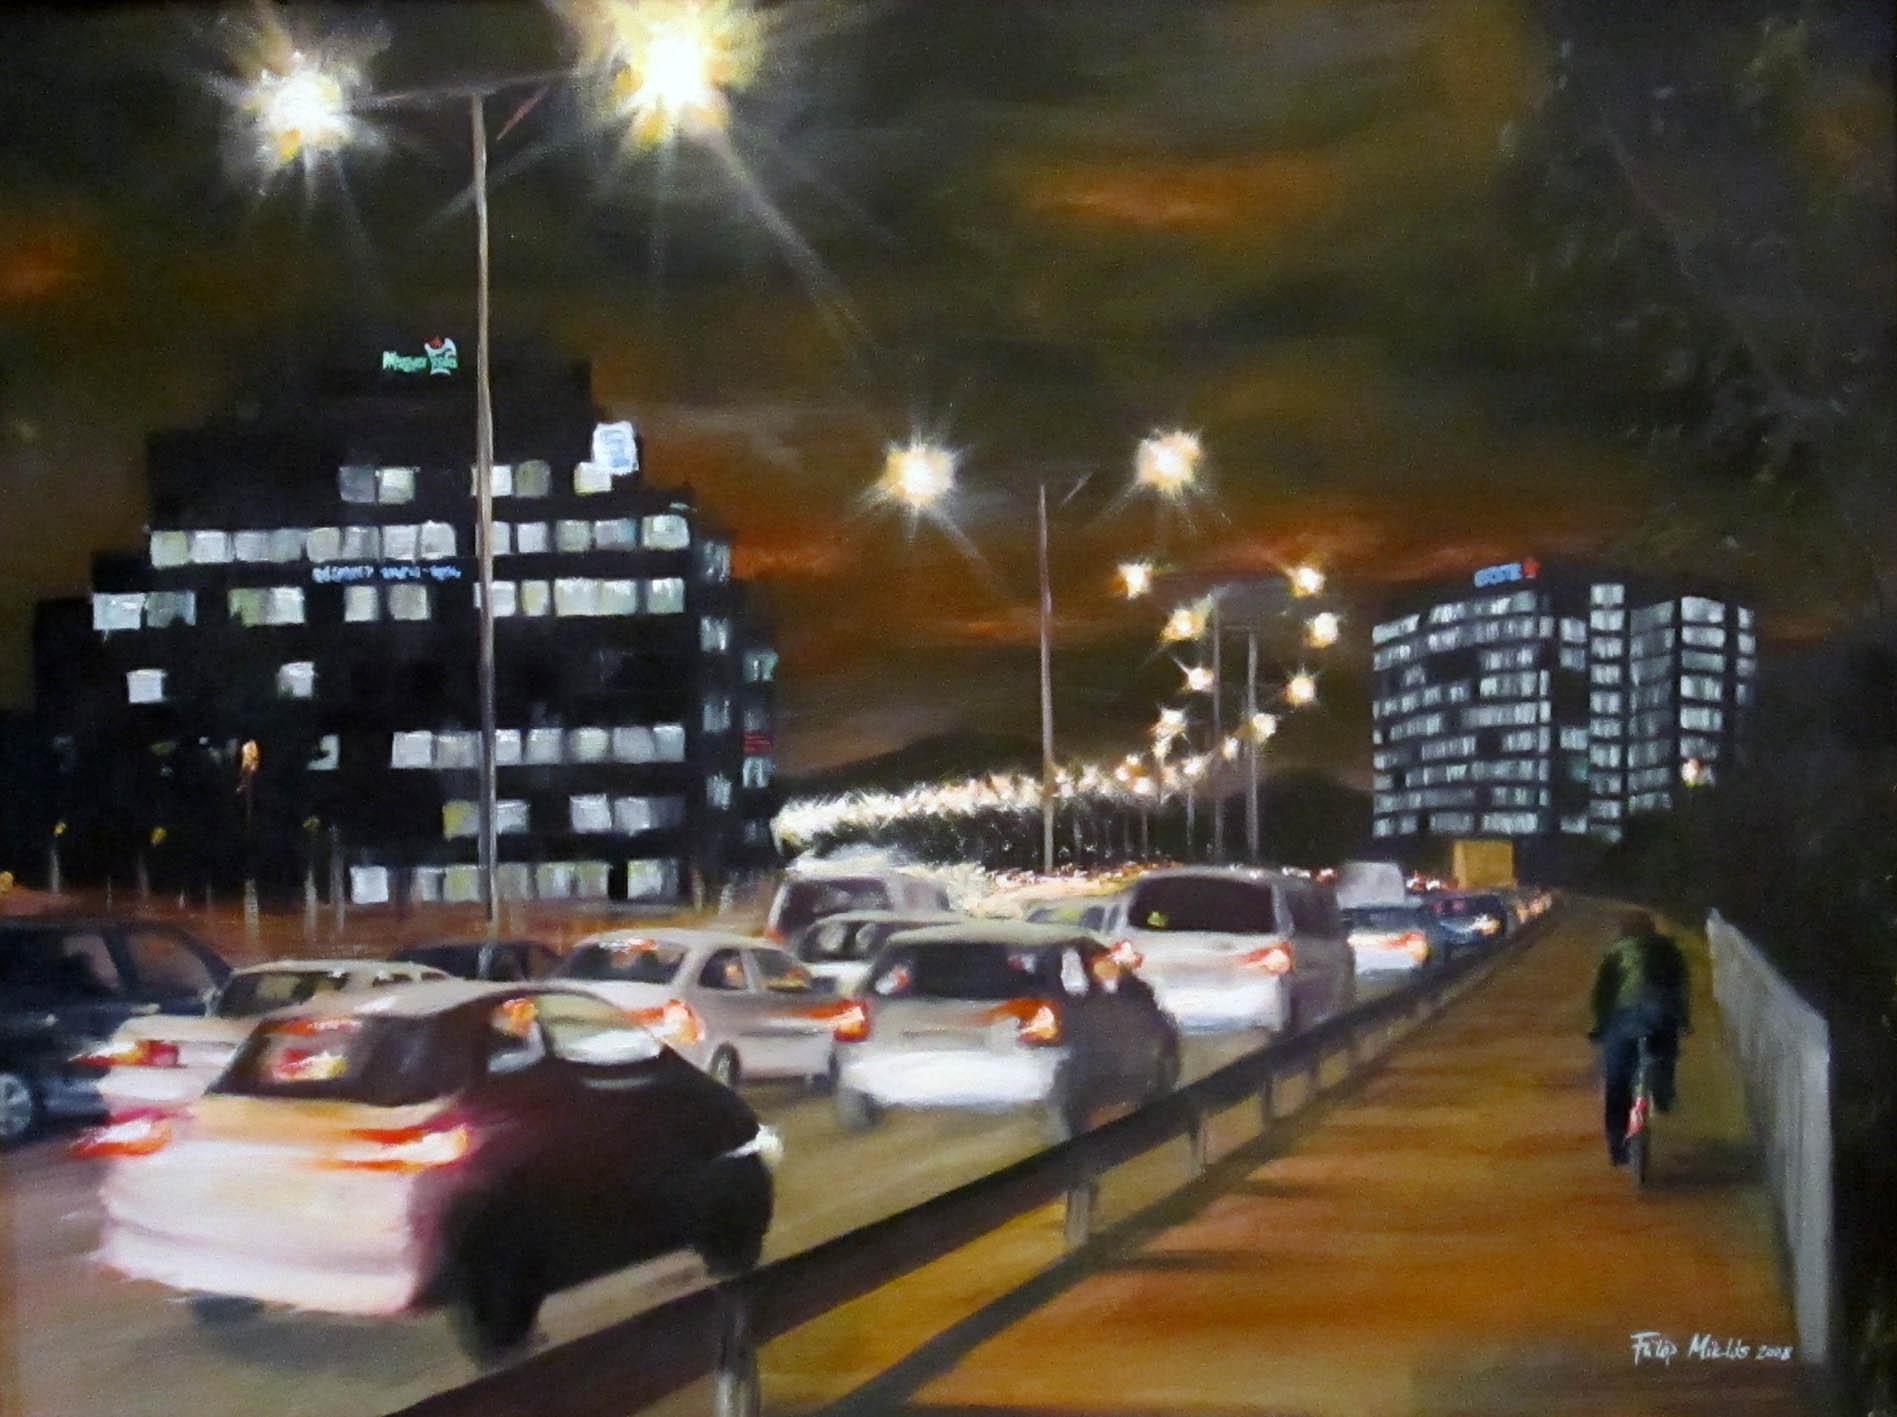 Az Árpád híd fényei<br />60x80 cm, olaj/vászon (2008)<br />59 000 Ft